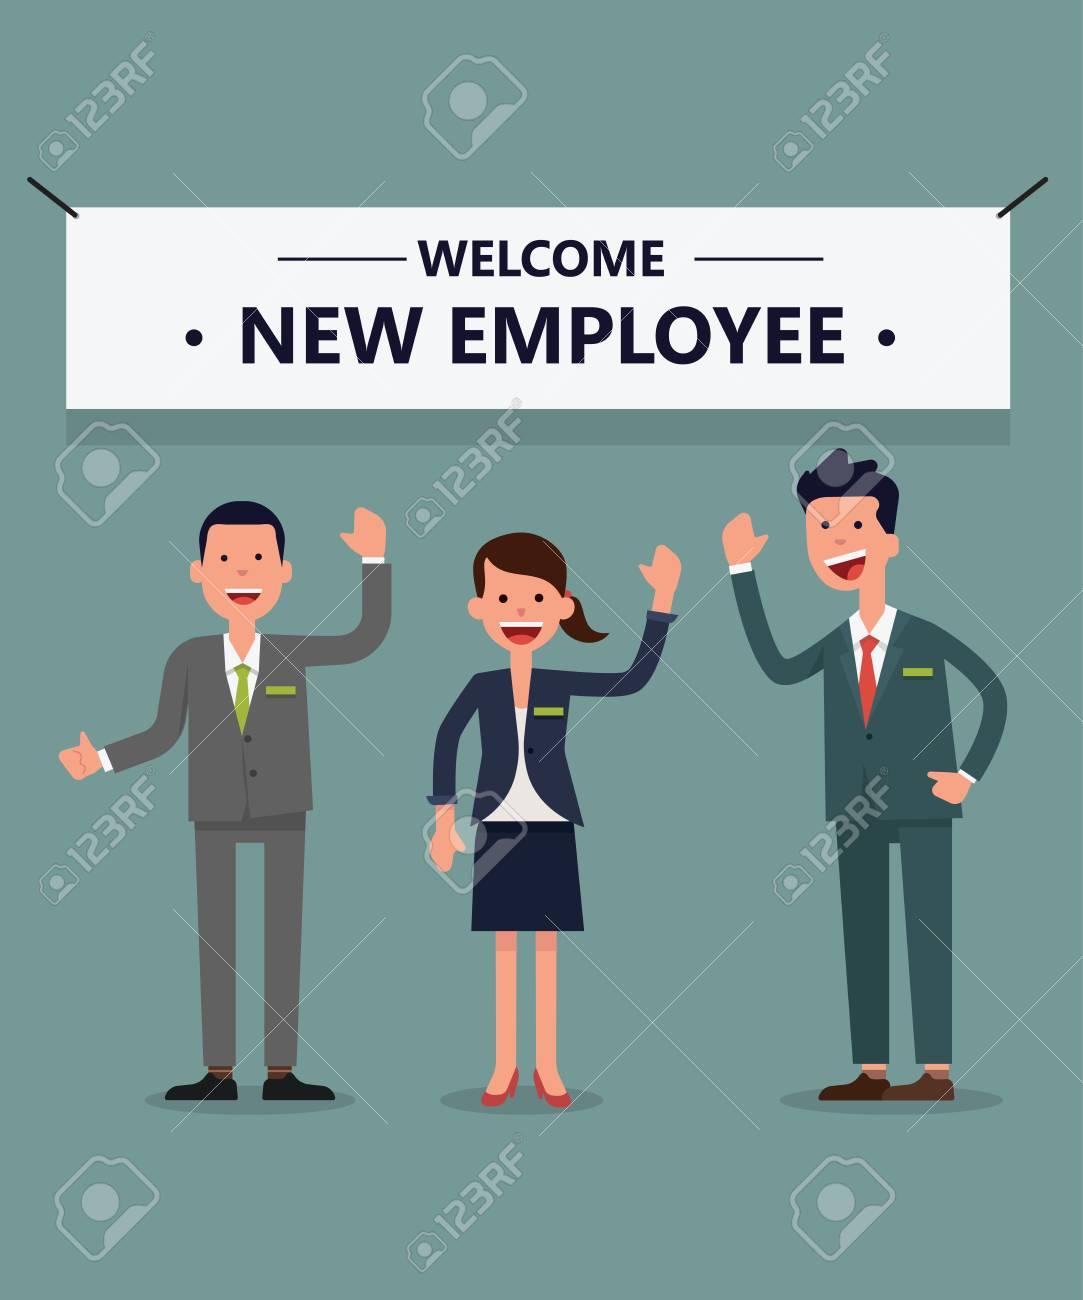 Welcome new employee - 84619535